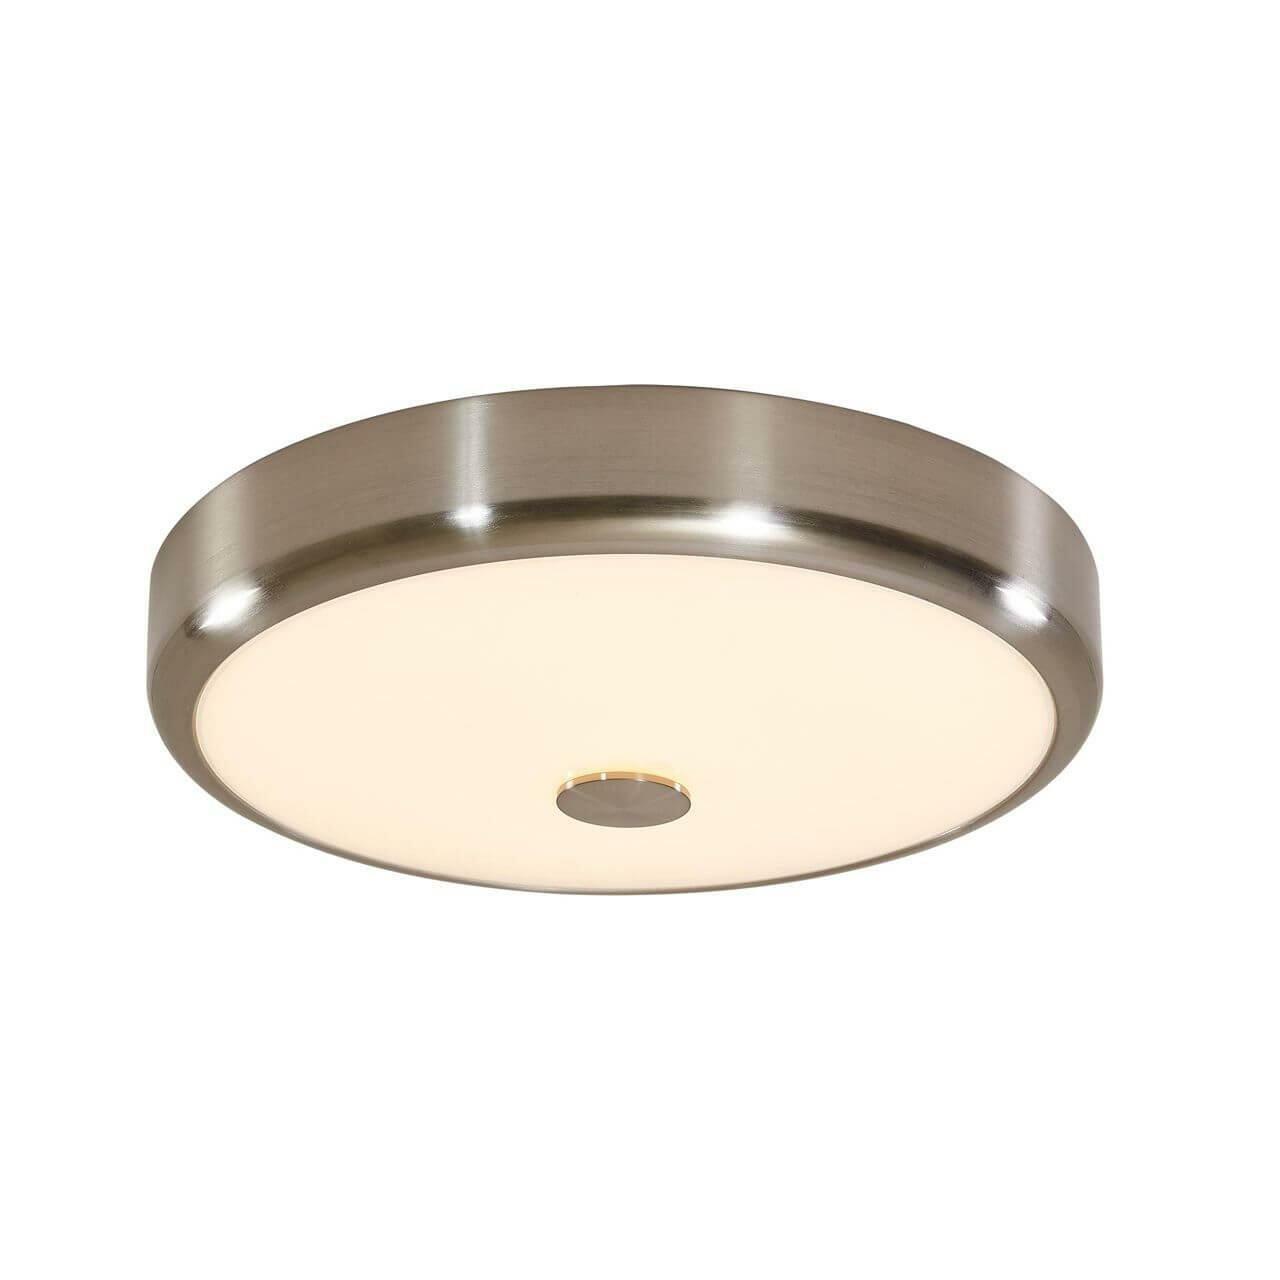 Потолочный светодиодный светильник Citilux Фостер-1 CL706131